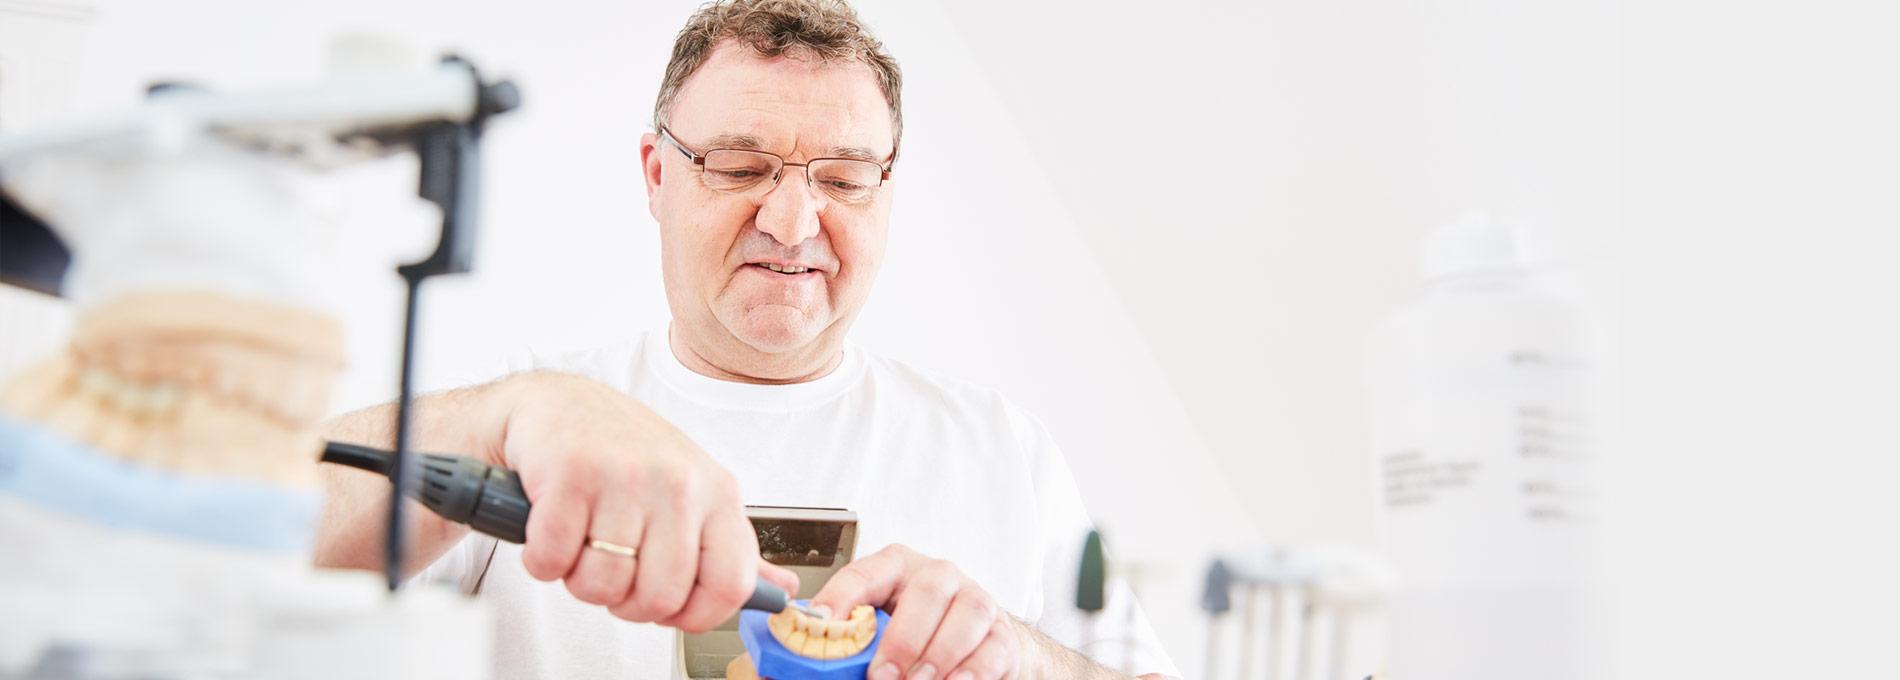 Zahnarztpraxis  Zahnrhein in Walluf - Zahnersatz